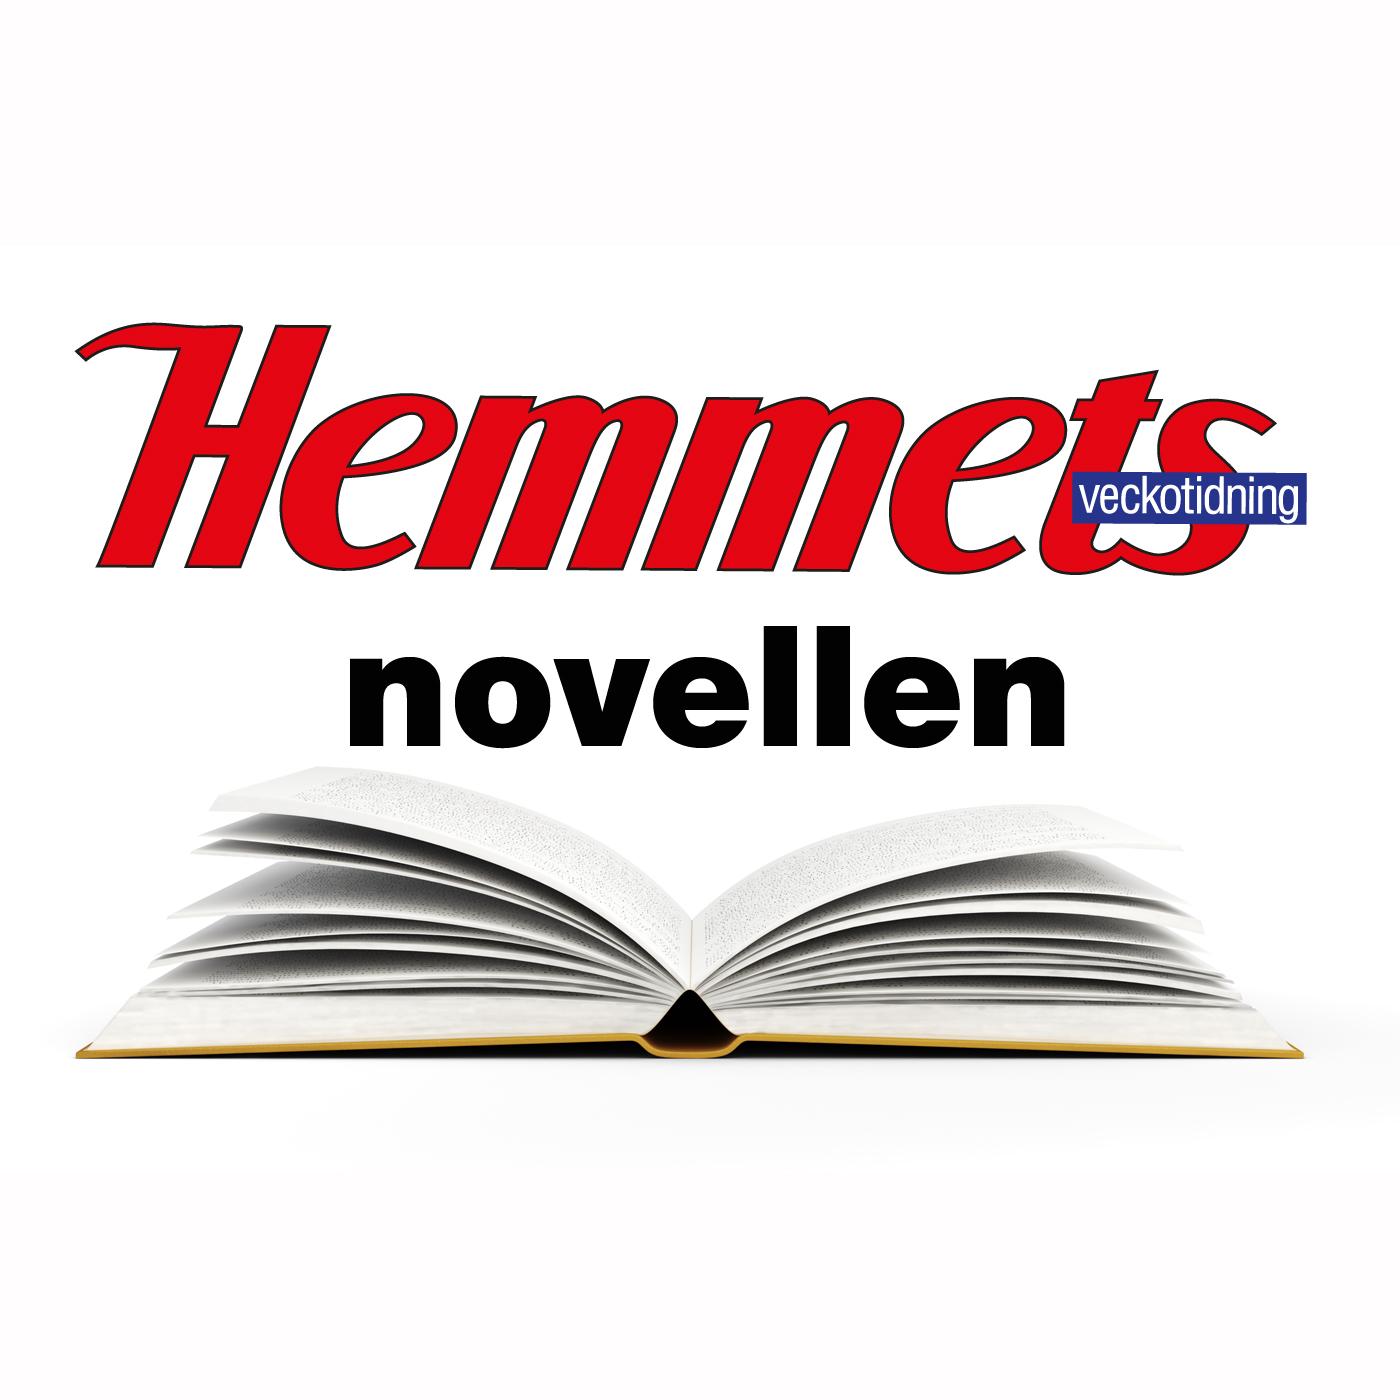 Novellen – högläsning från Hemmets Veckotidning